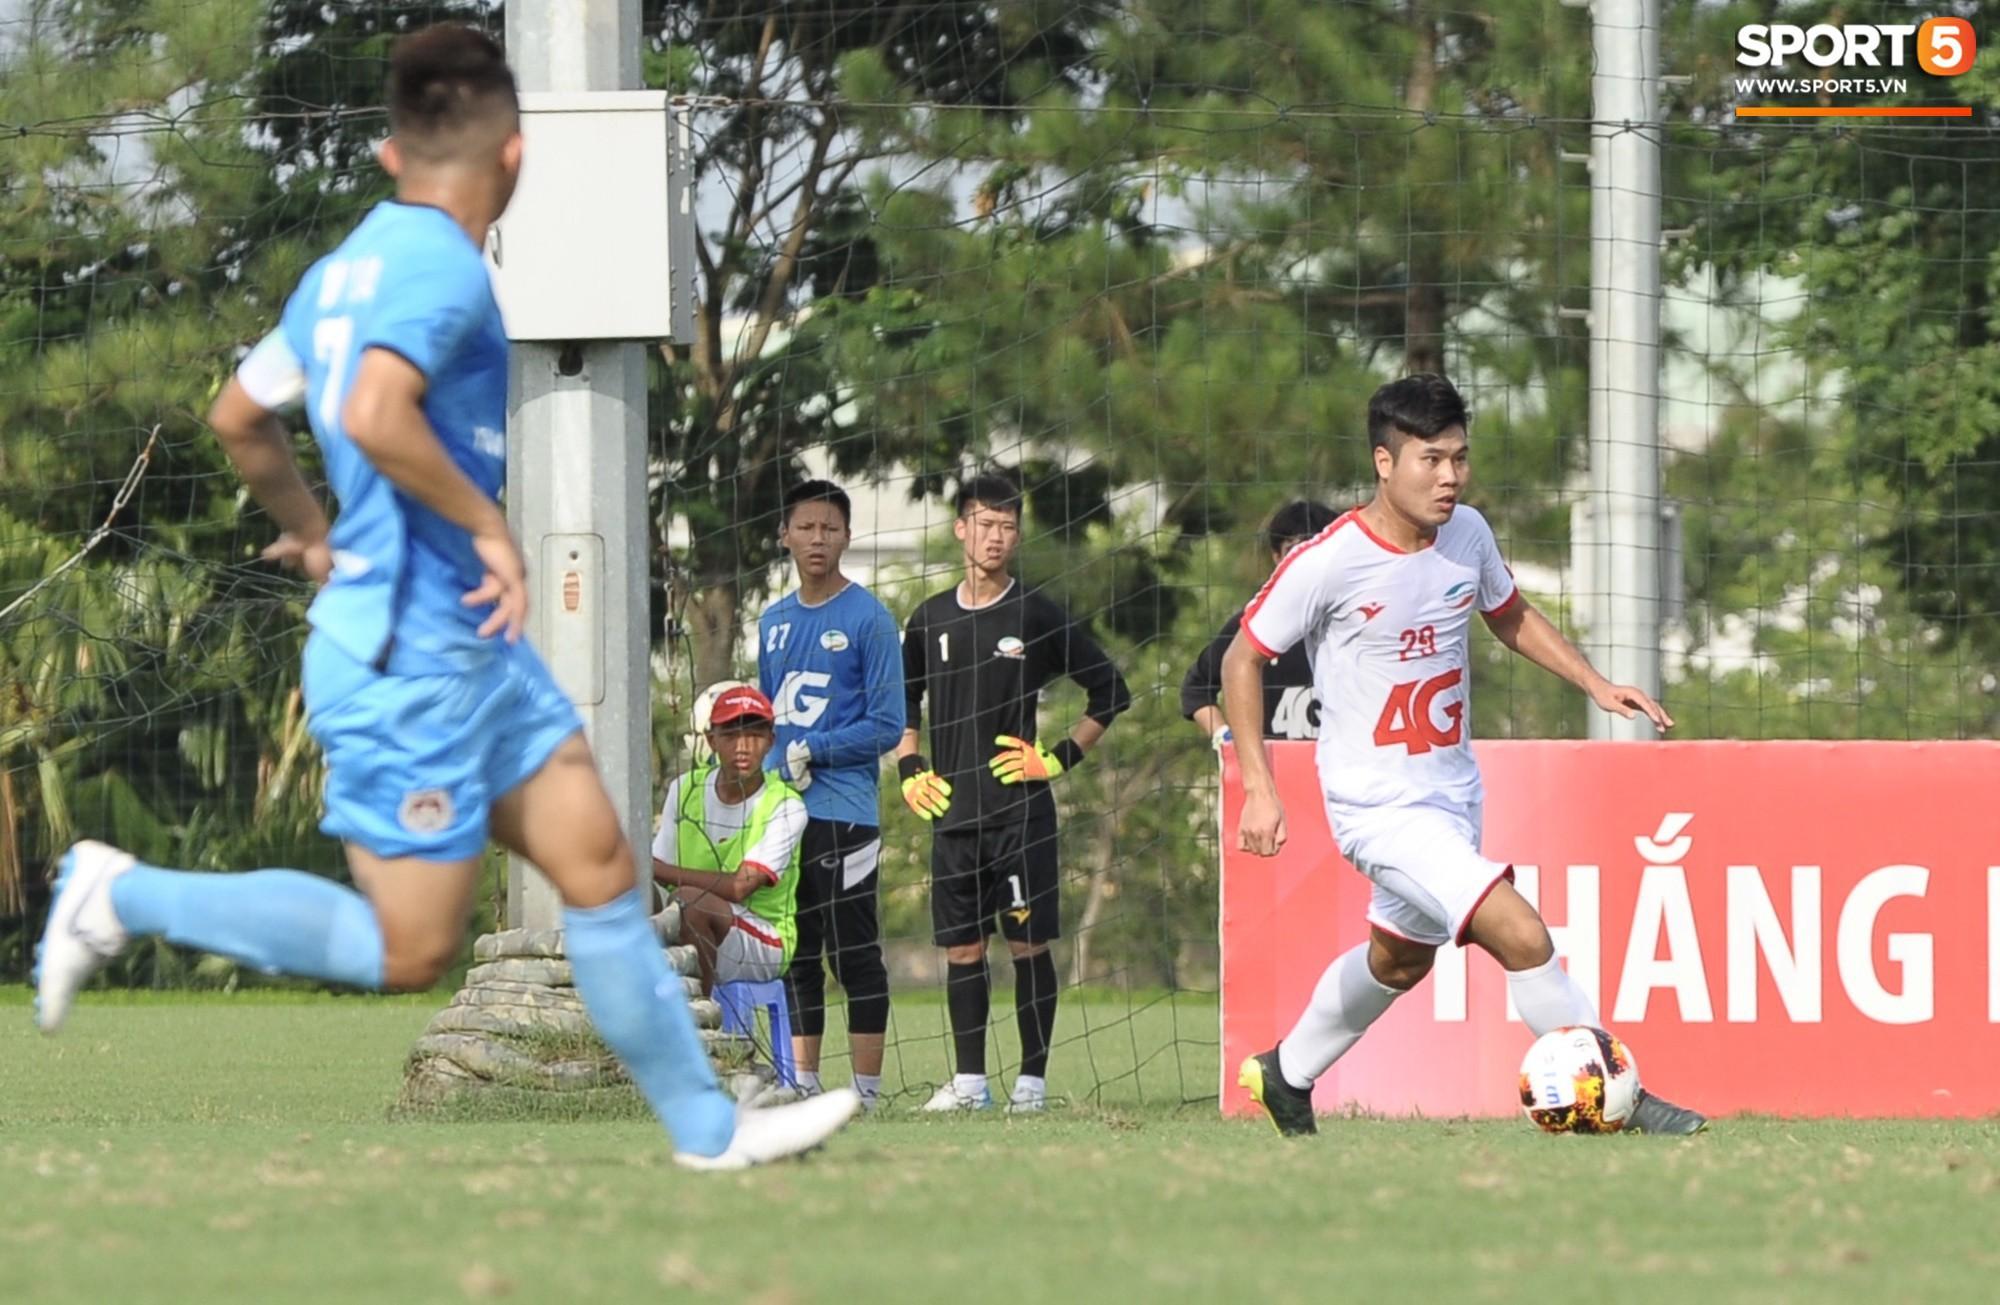 Sao trẻ U23 lập công, Viettel để Phố Hiến cầm hòa 1-1 trong ngày khai mạc giải U21 Quốc gia - Ảnh 3.